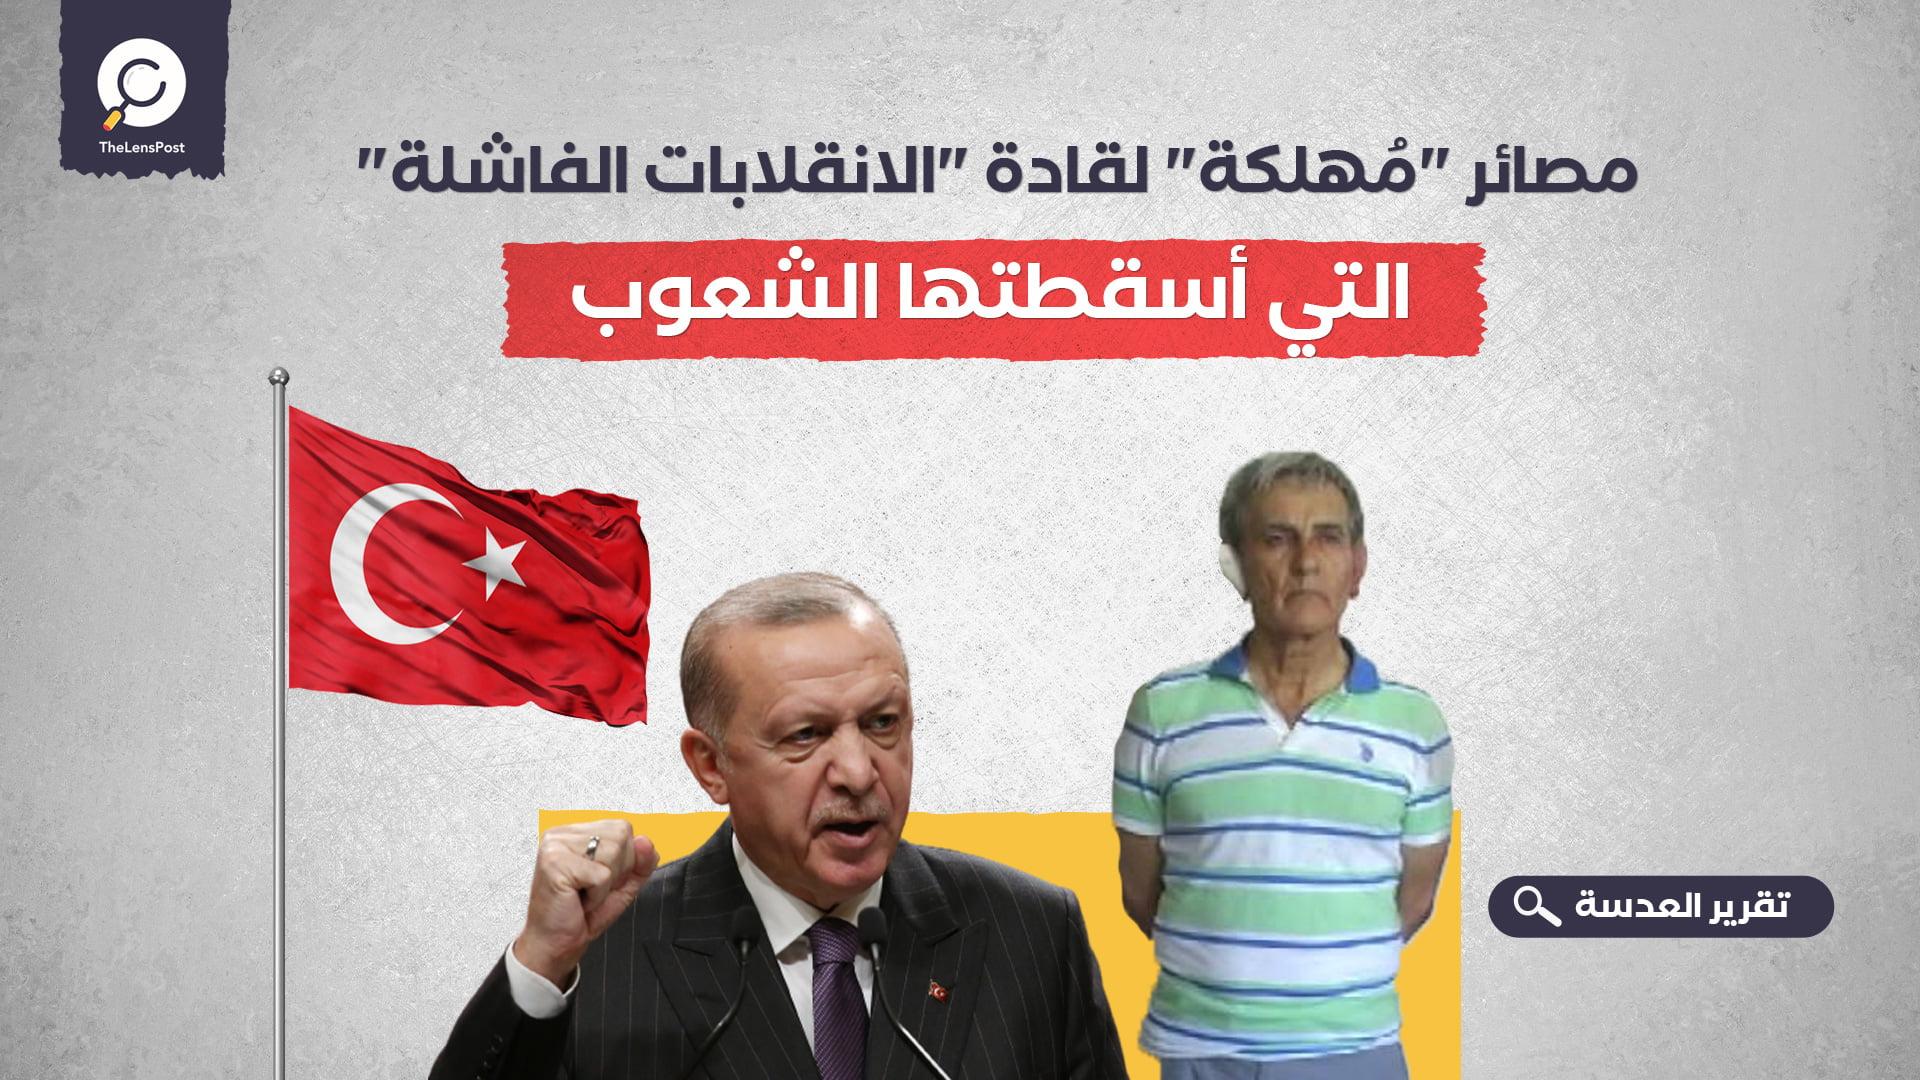 """مصائر """"مُهلكة"""" لقادة """"الانقلابات الفاشلة"""" التي أسقطتها الشعوب"""